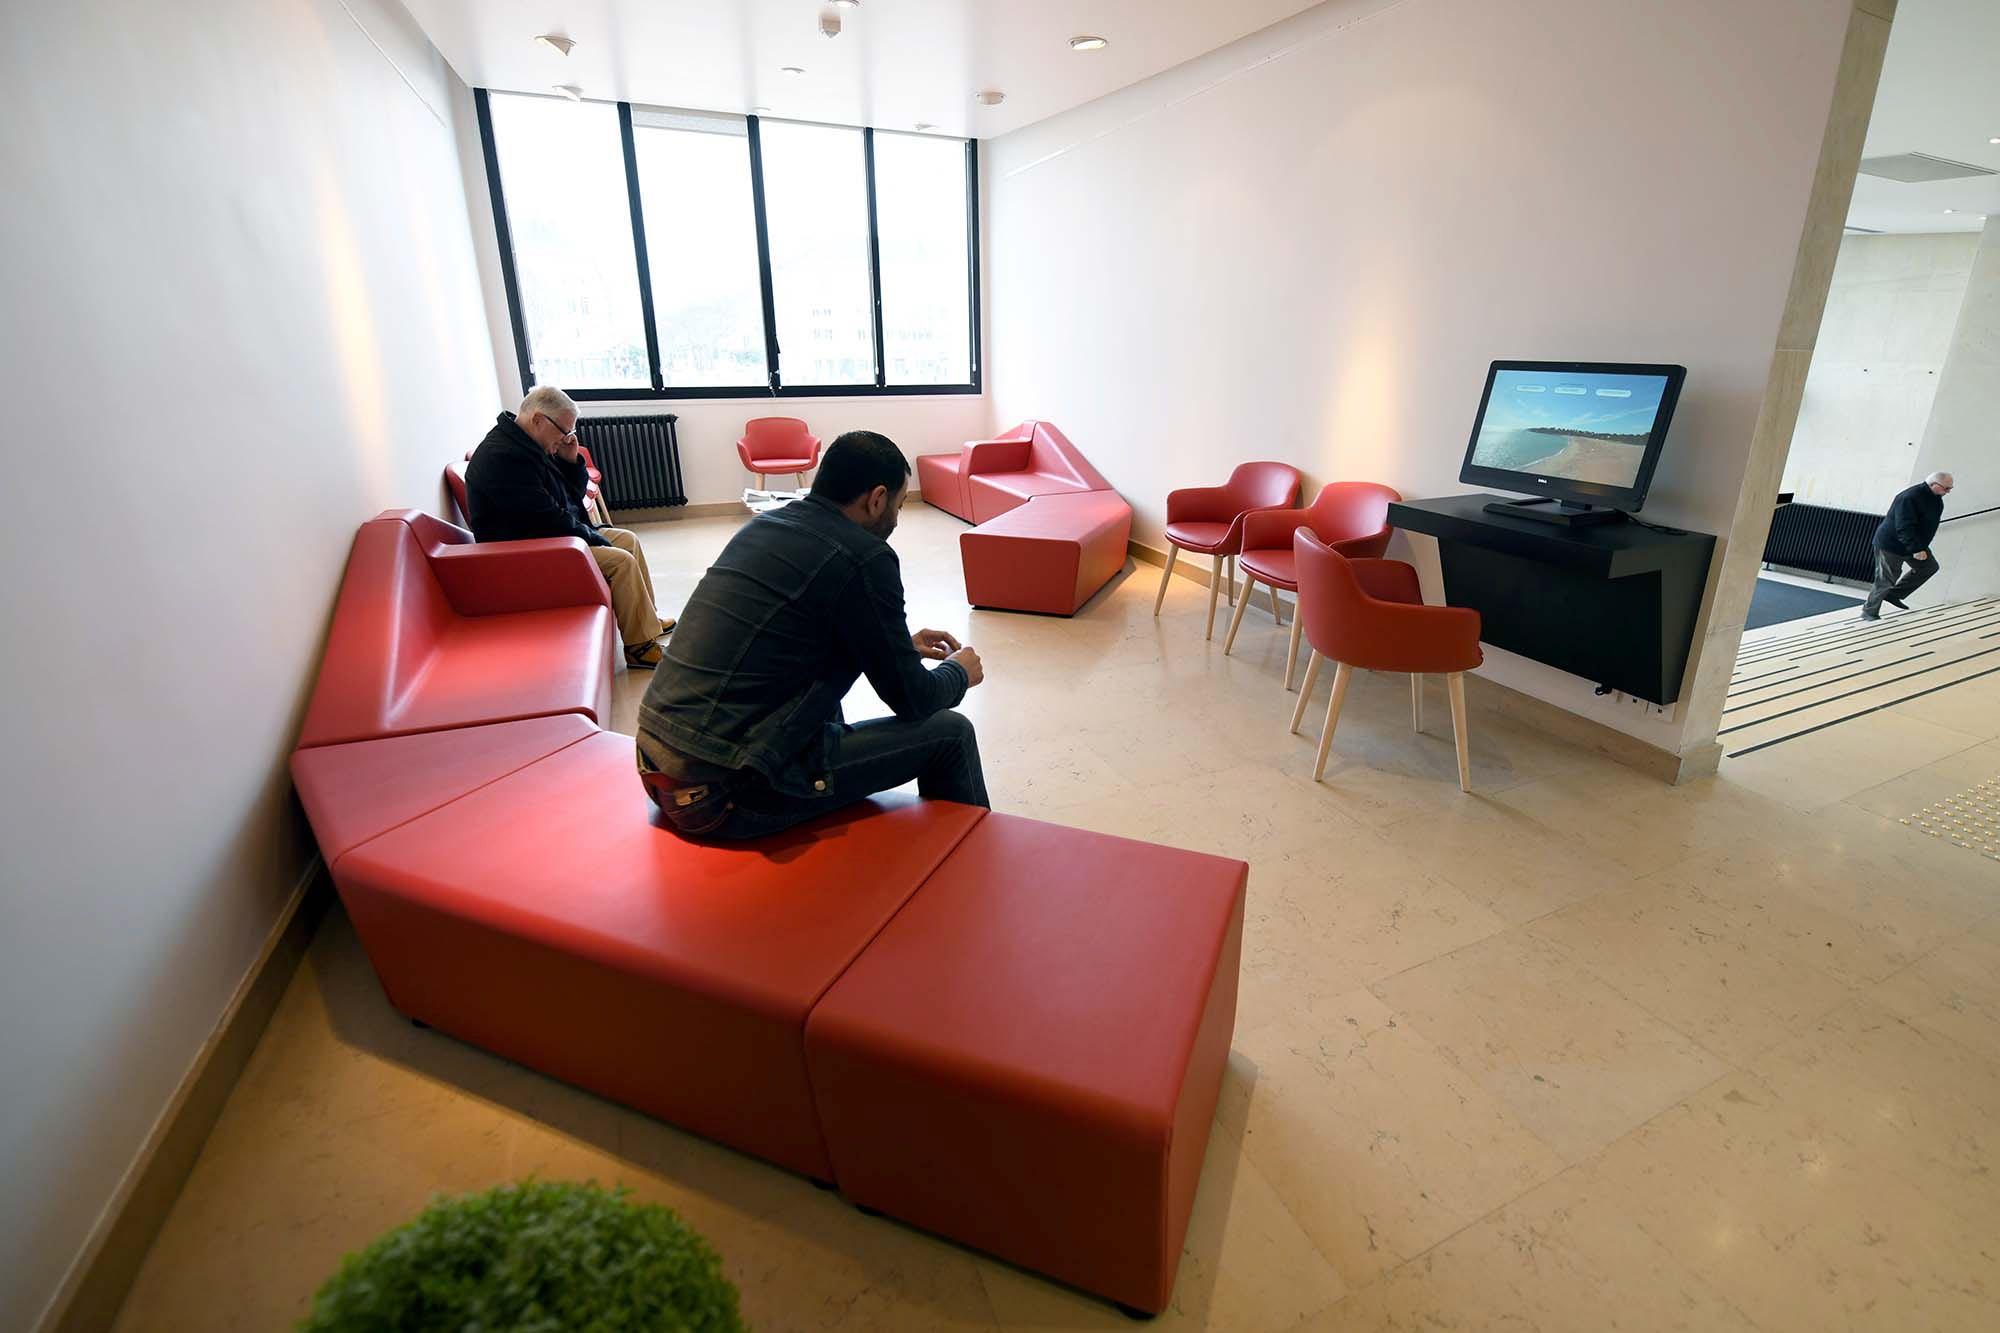 Les différentes salles d'attente ont été regroupées dans un espace unique.